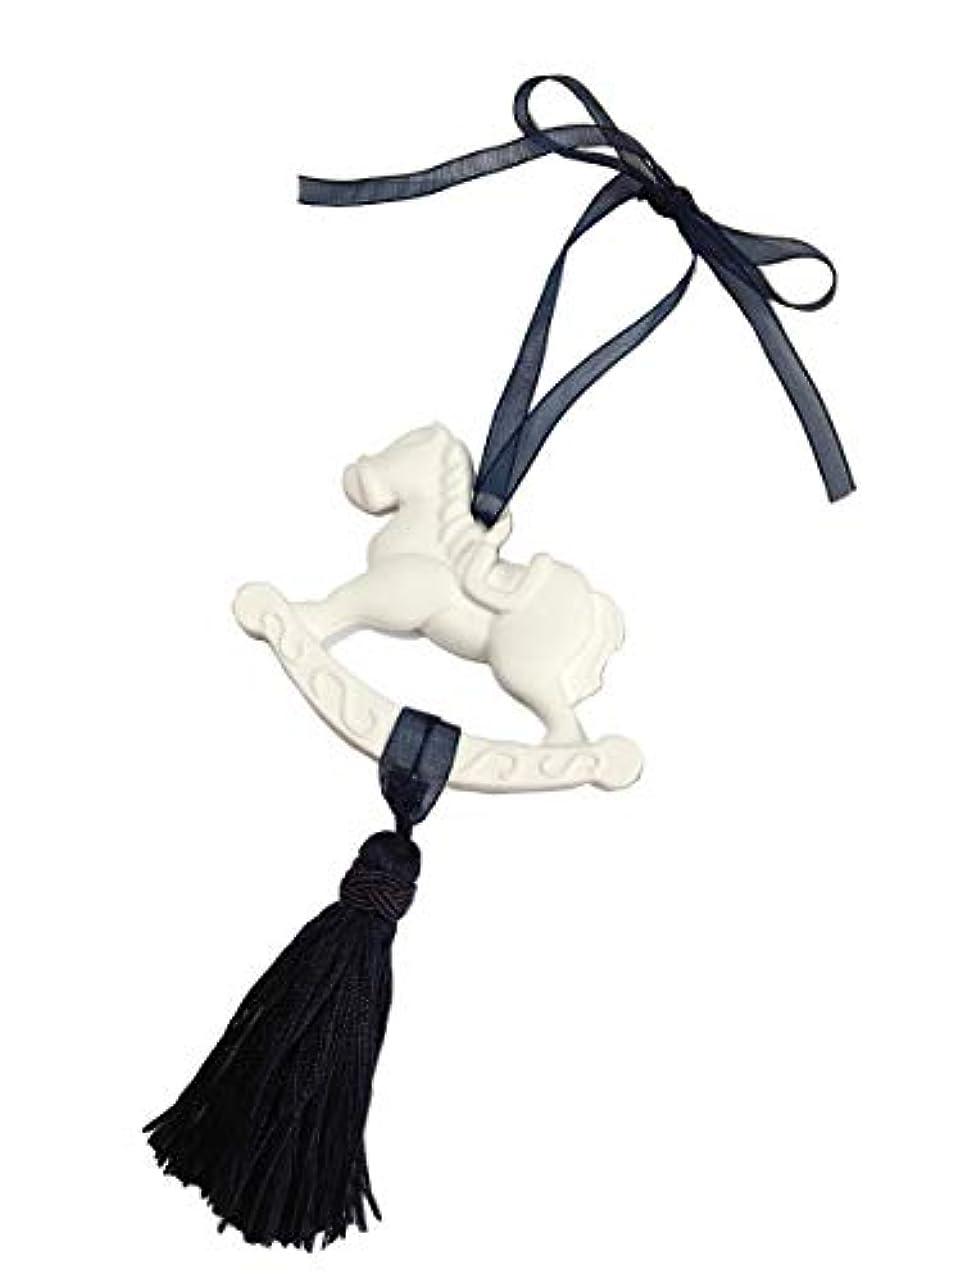 銅パキスタン人洗うアロマストーン(ハンドメイド)?木馬のオーナメント(タッセル&リボン?紺色)